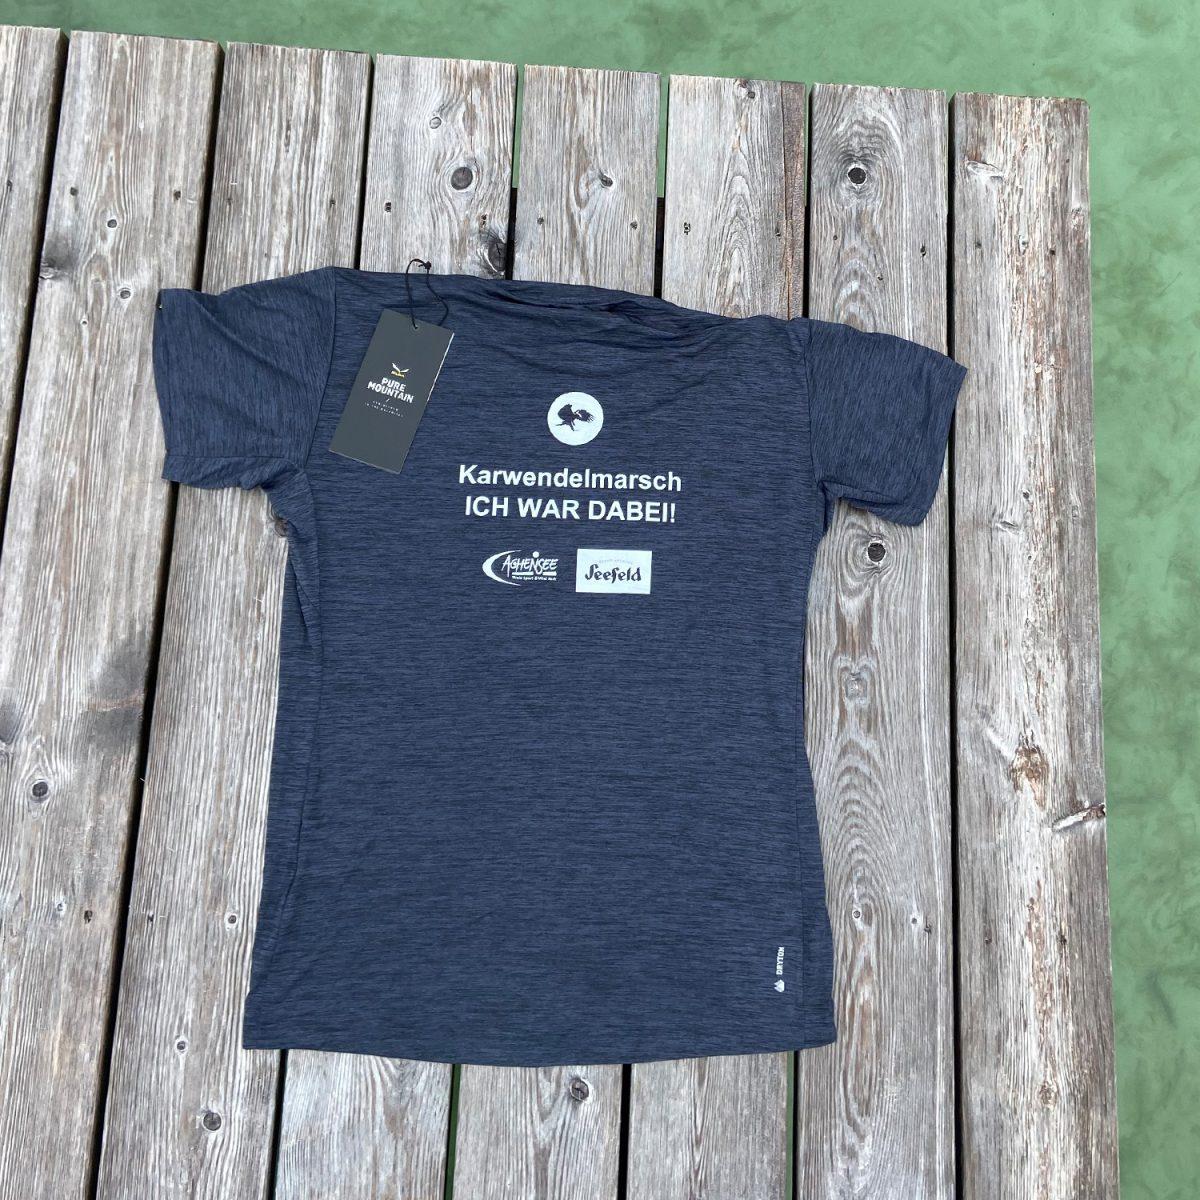 NEW IN, Karwendelmarsch T-Shirts